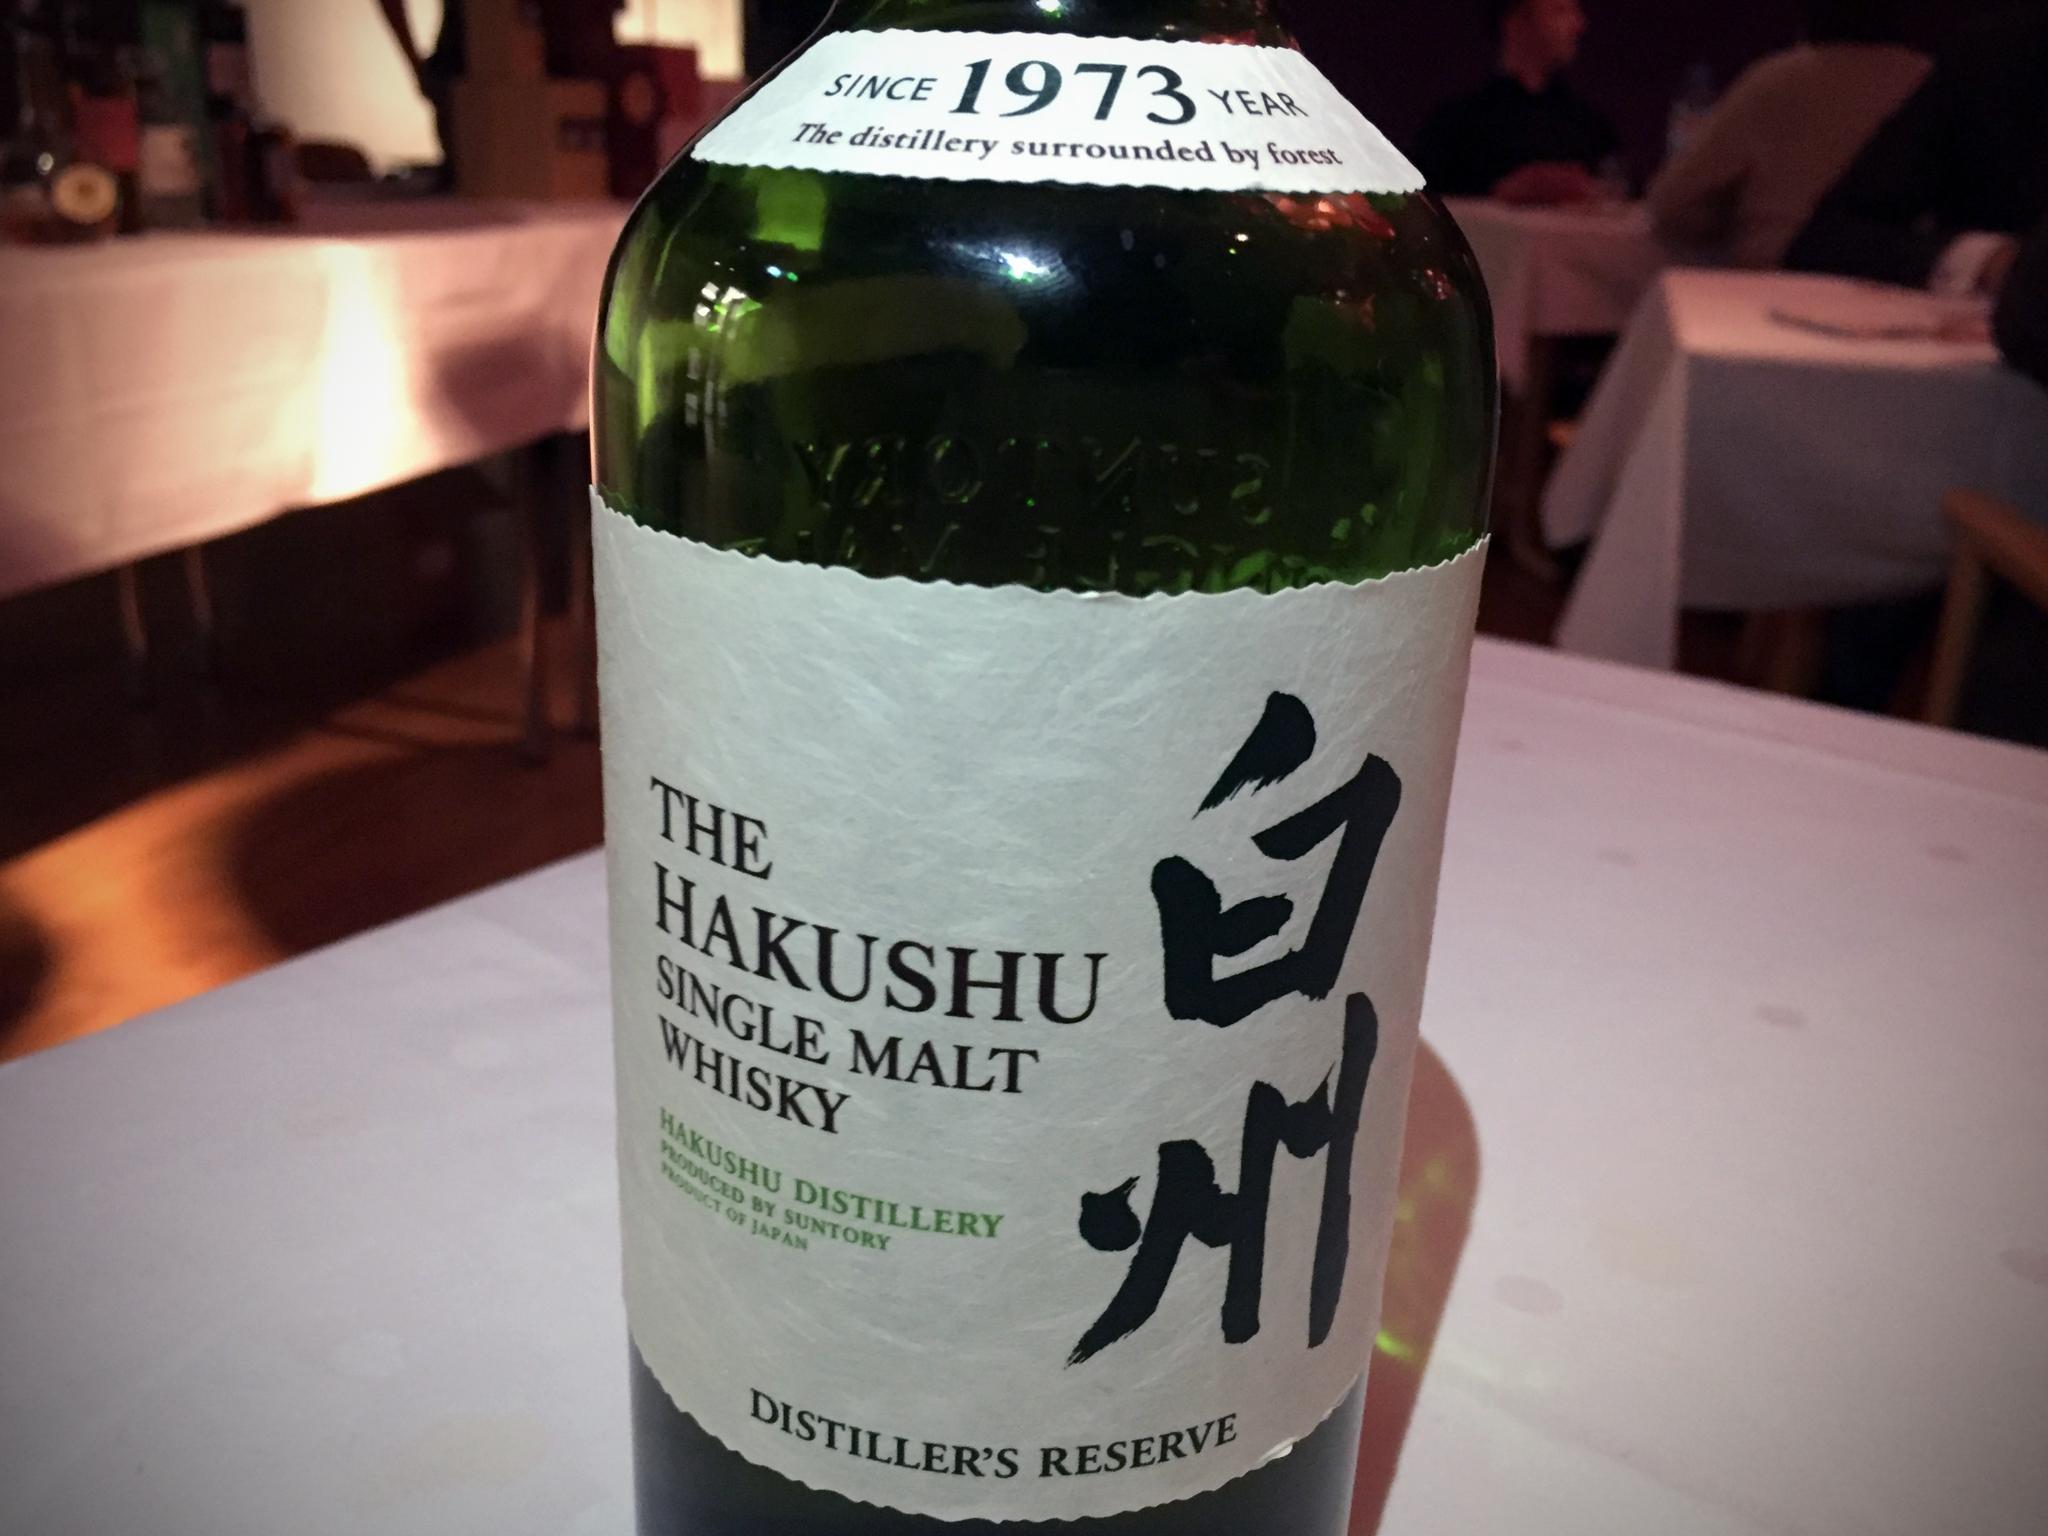 """Flaschenetikett des Suntory The Hakushu Distiller's Reserve während des Whisky-Tastings zur Sonderausstellung """"Oishii! Lecker Essen"""" im Linden-Museum Stuttgart am 10. Februar 2017."""